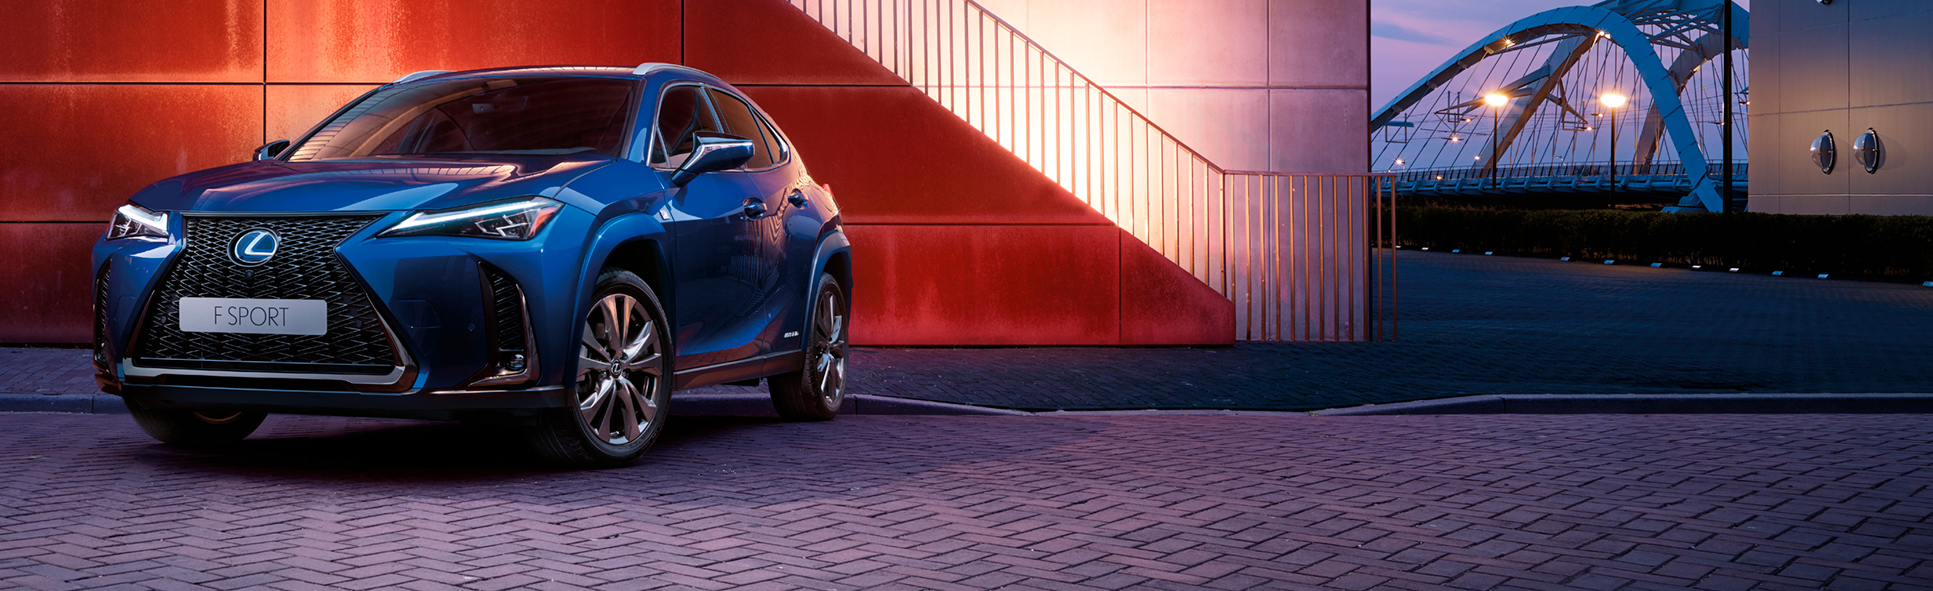 Lexus UX 250h Gama 2022